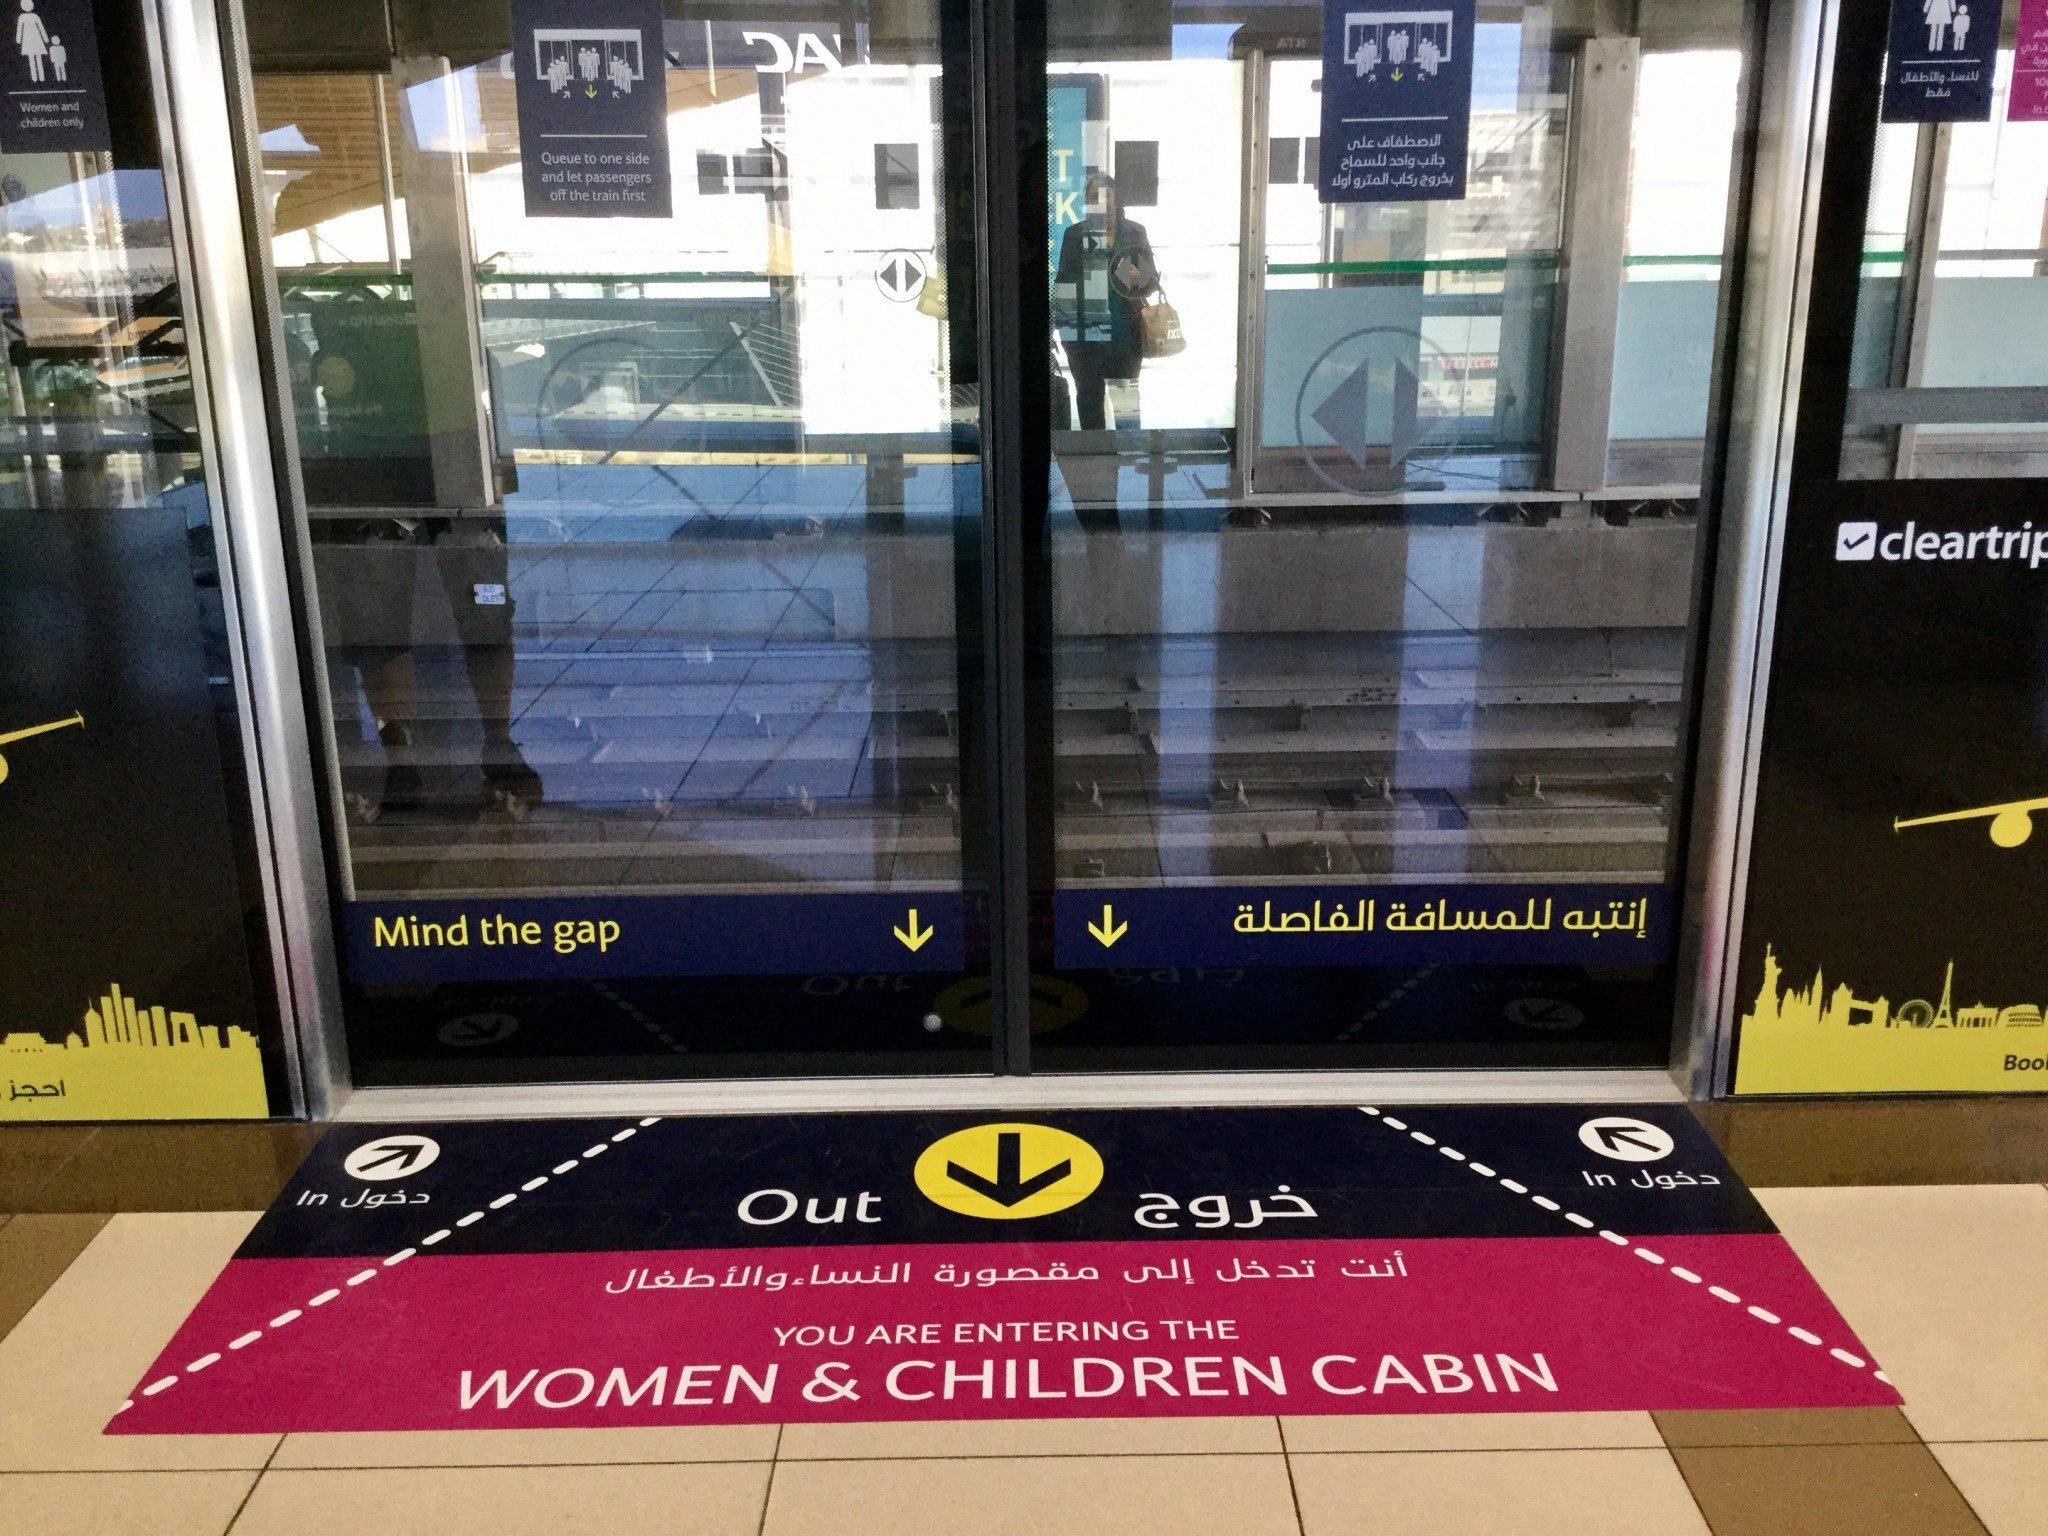 Naisille ja lapsille on  varattu myös omat vaunut. Miehiltä on näihin vaunuihin pääsy kielletty sakon uhalla.